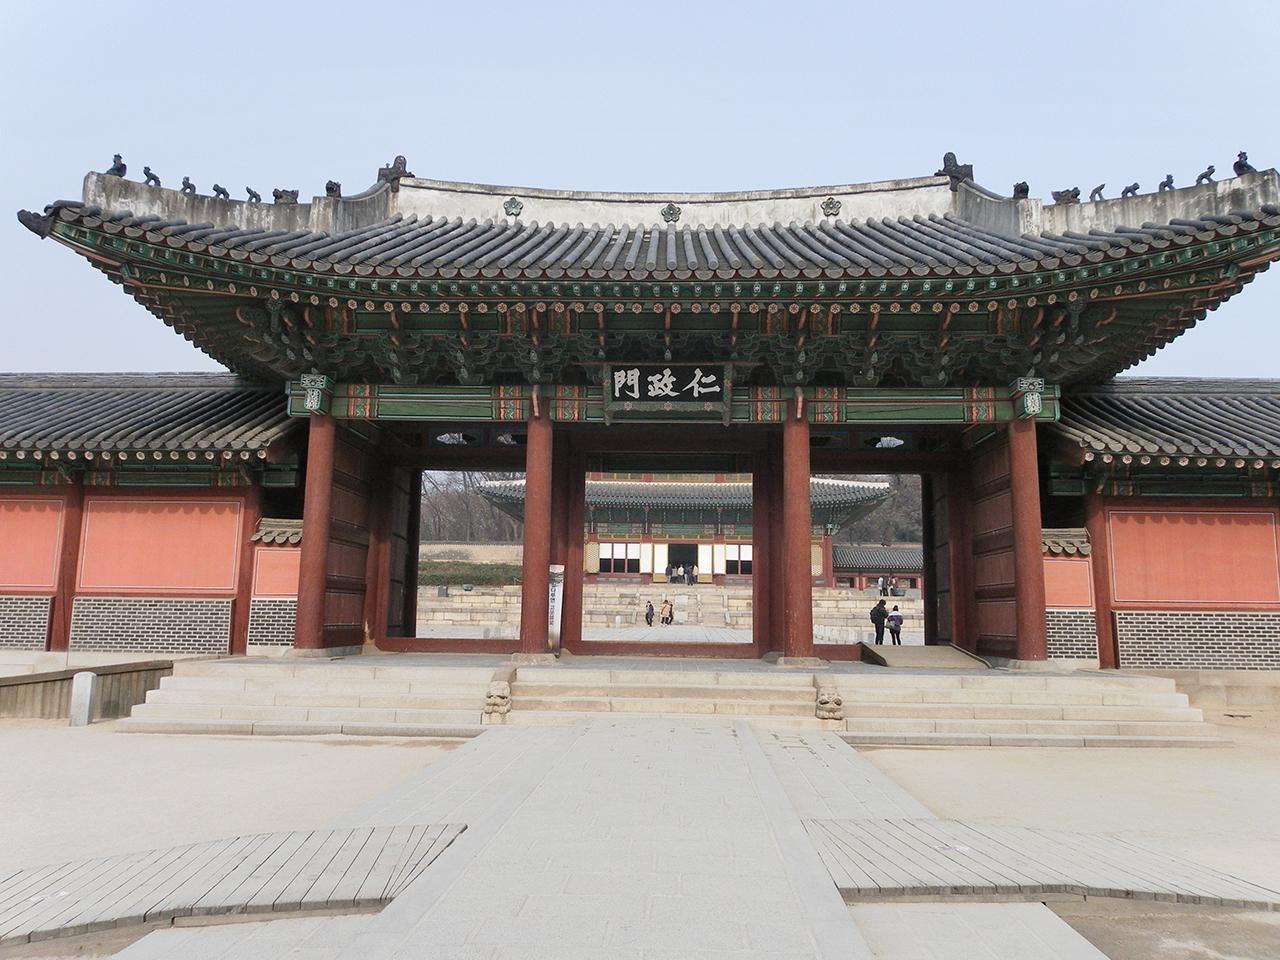 서울시 종로구 와룡동에 있는 창덕궁 인정문. 연산군은 인정문 마당에서 즉위식을 거행했다.